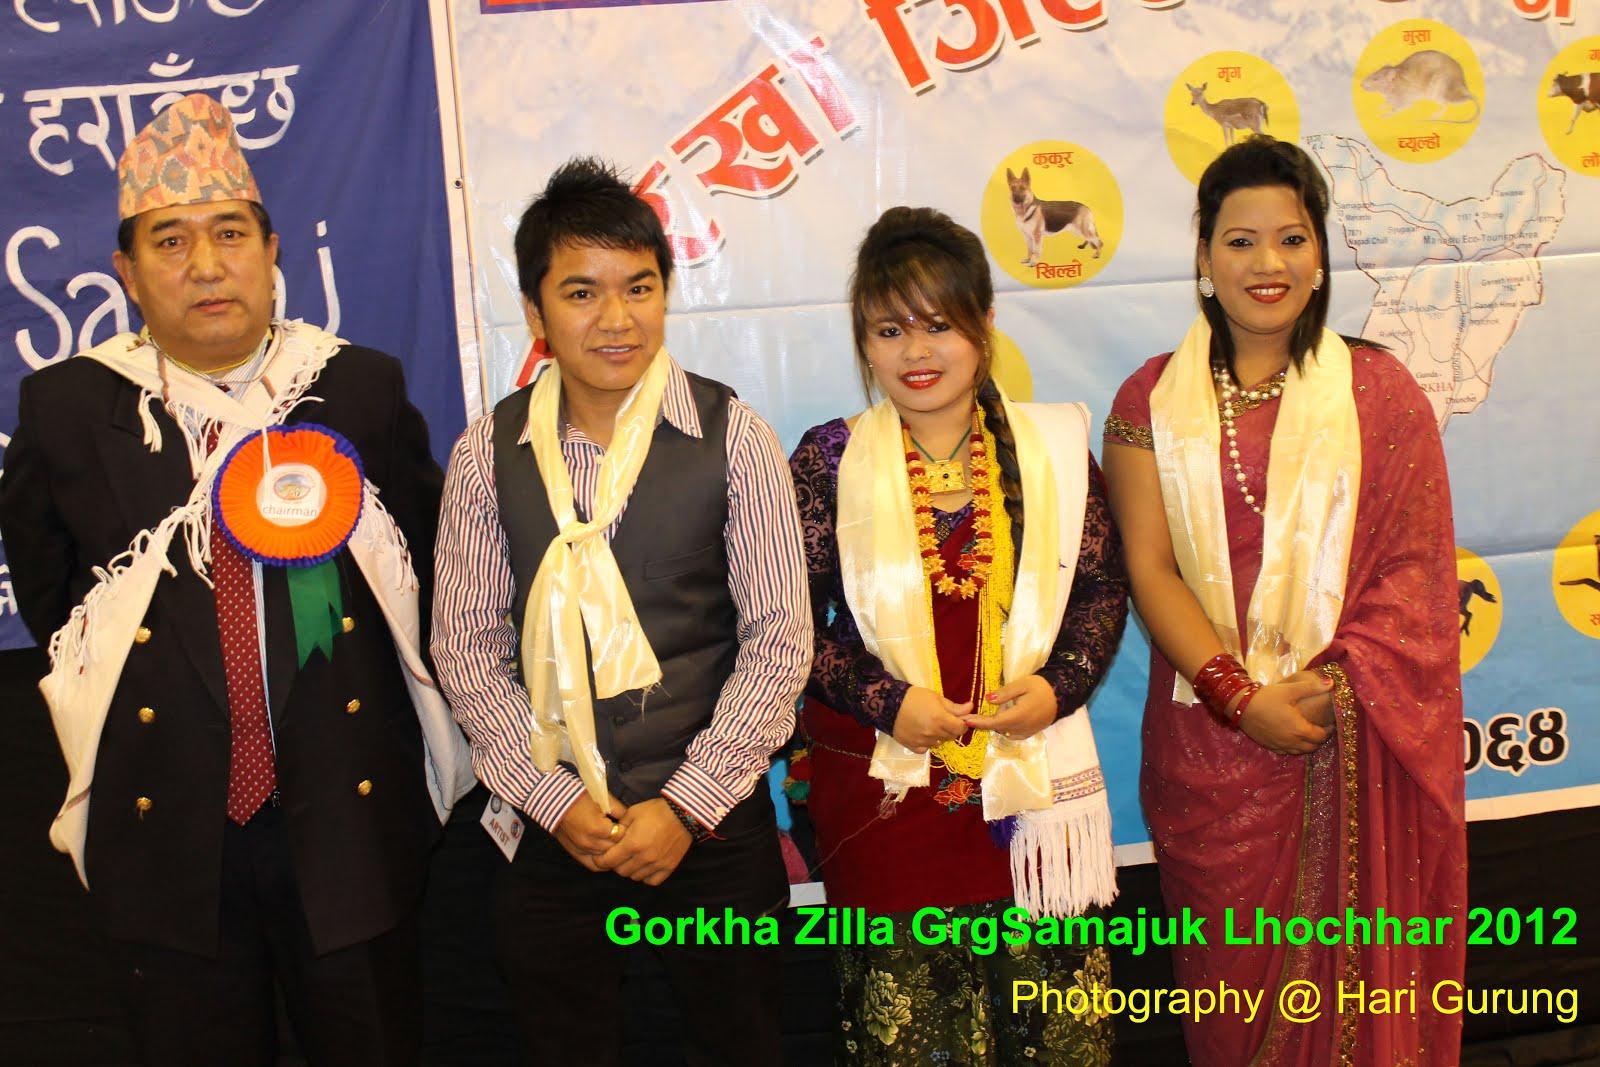 Kalakar Shyasta Gokha Zilla Gurung Samajuk